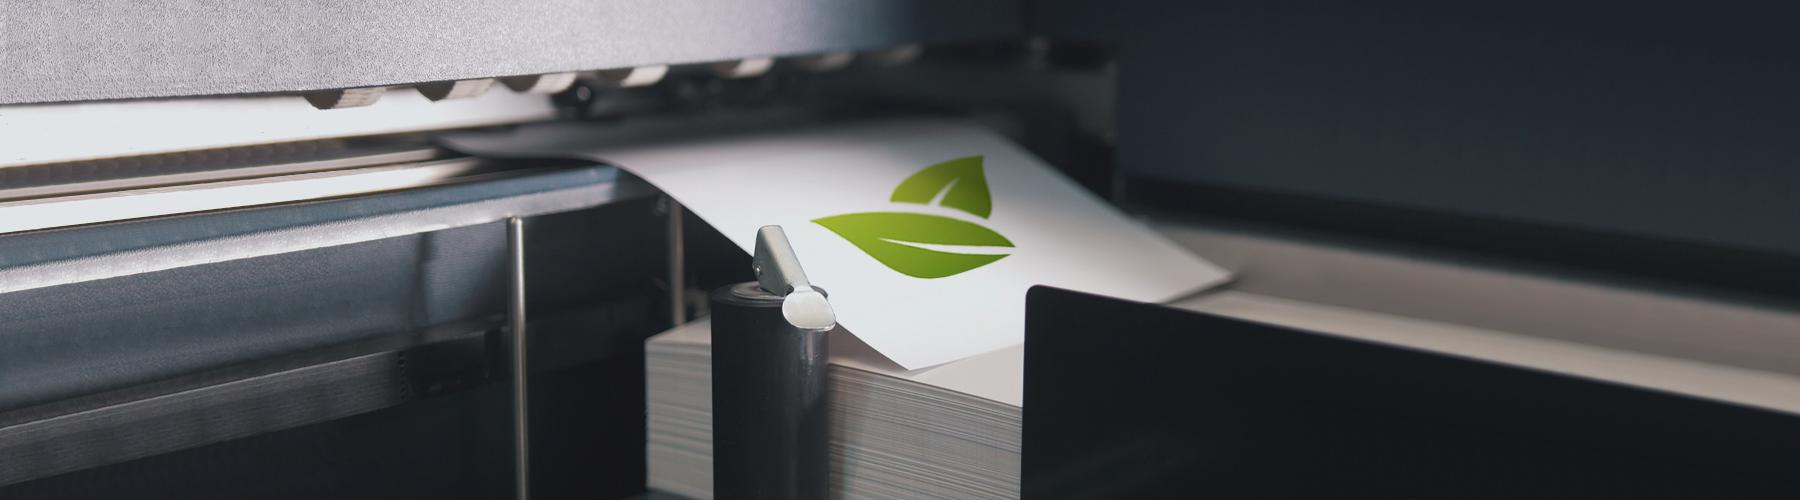 ¿Qué es la impresión ecológica o sostenible?